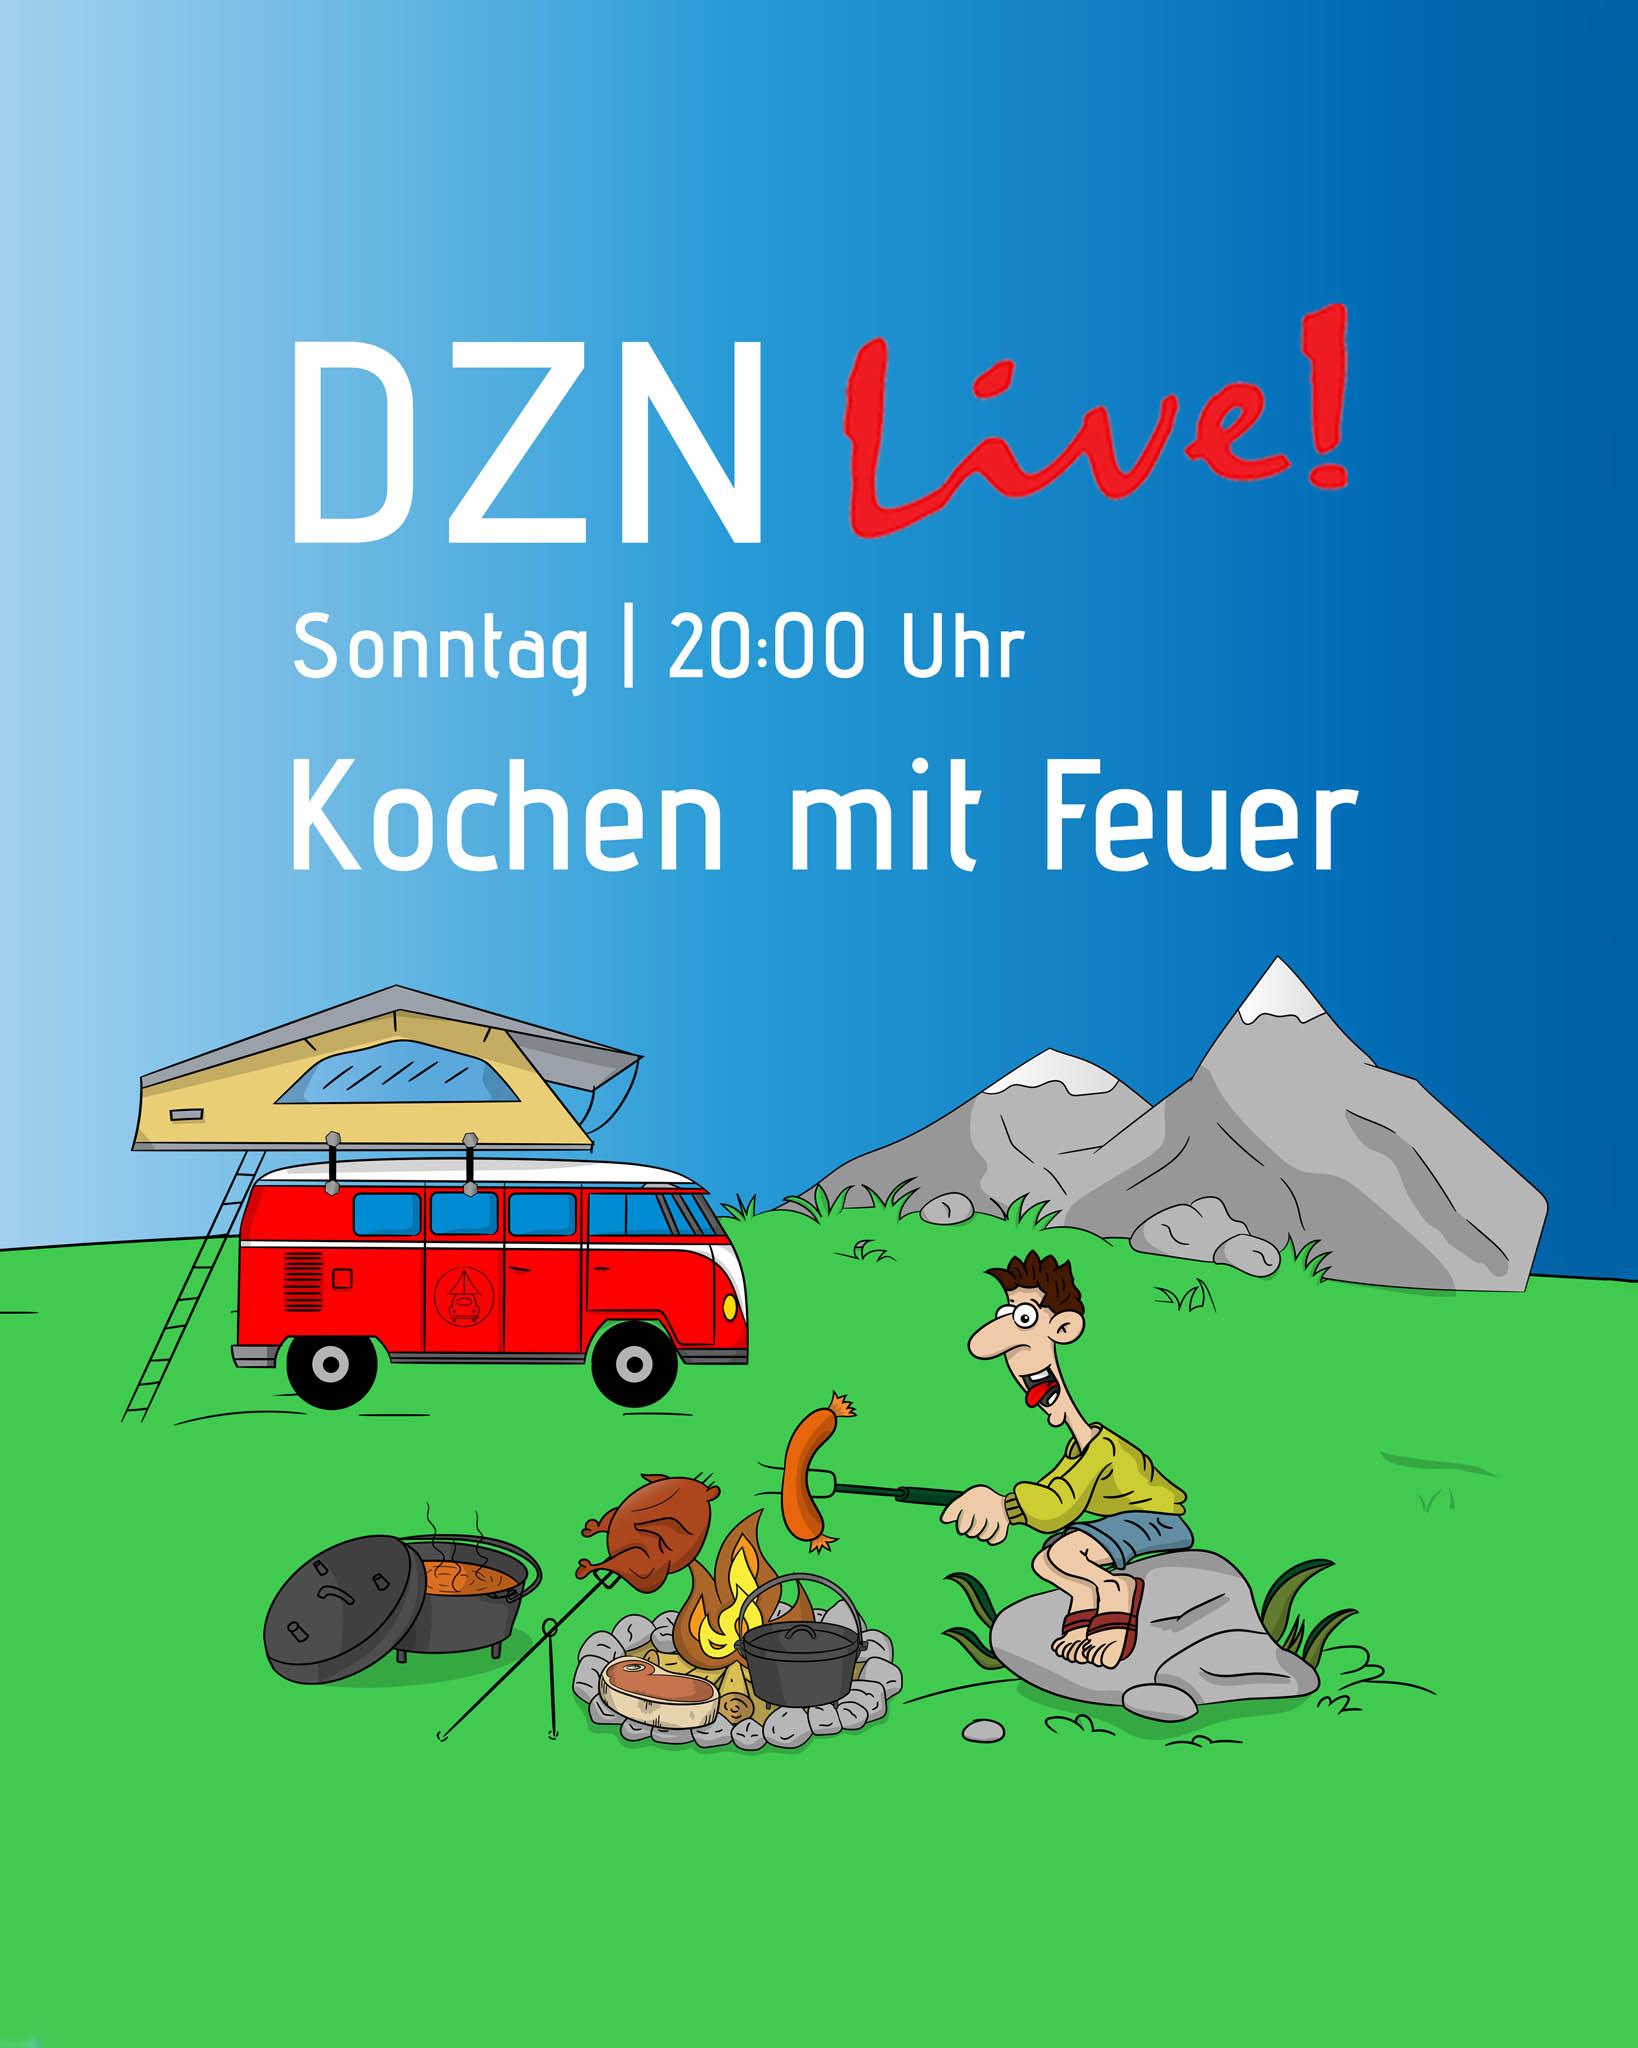 Themenwoche: Kochen mit Feuer - Sonntag 31.05.20 im DZN Live!